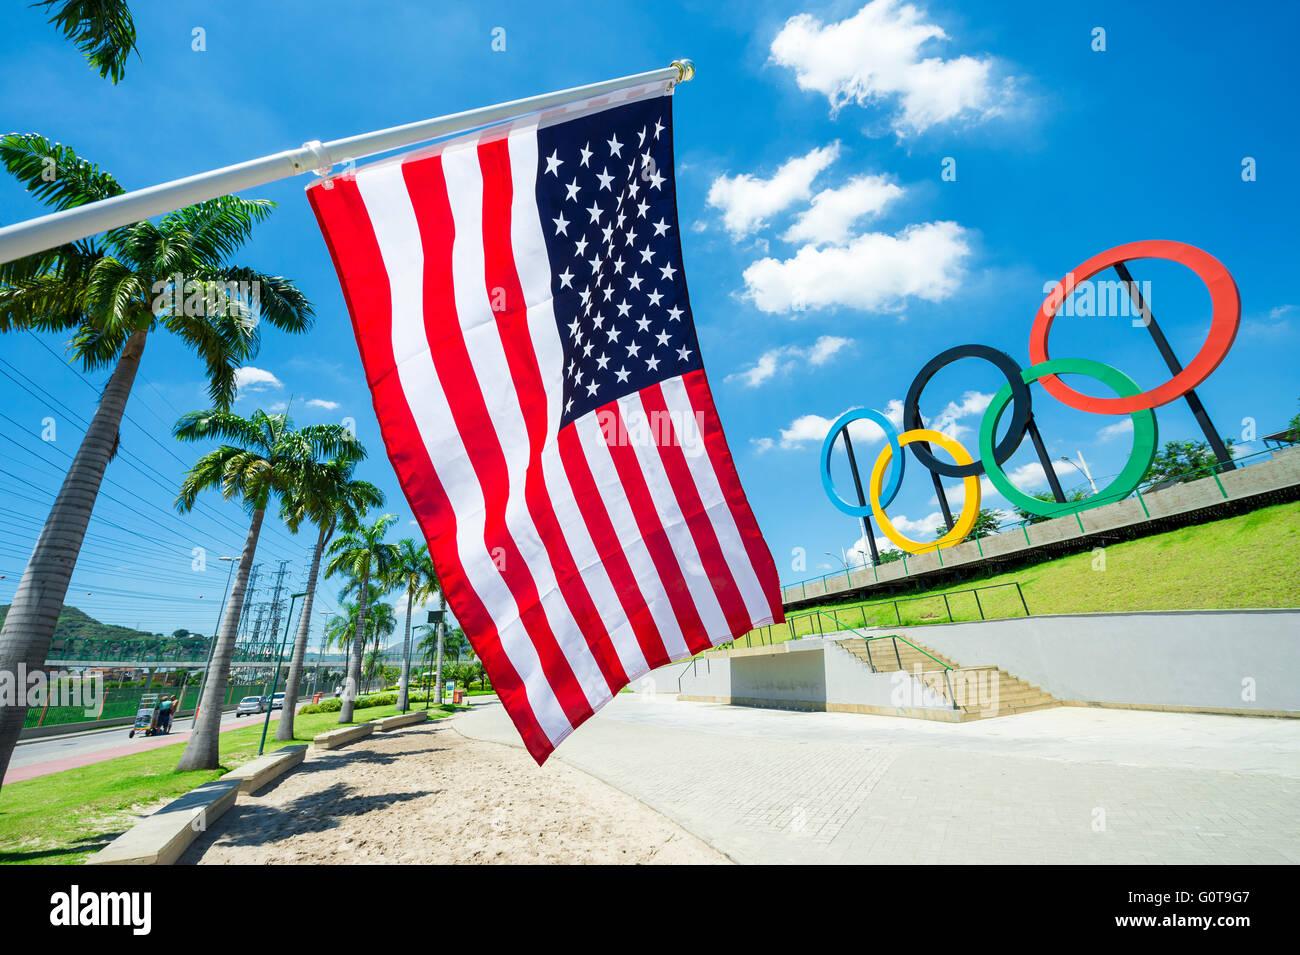 RIO DE JANEIRO - le 18 mars 2016: un drapeau américain est en face d'un affichage des anneaux olympiques Photo Stock